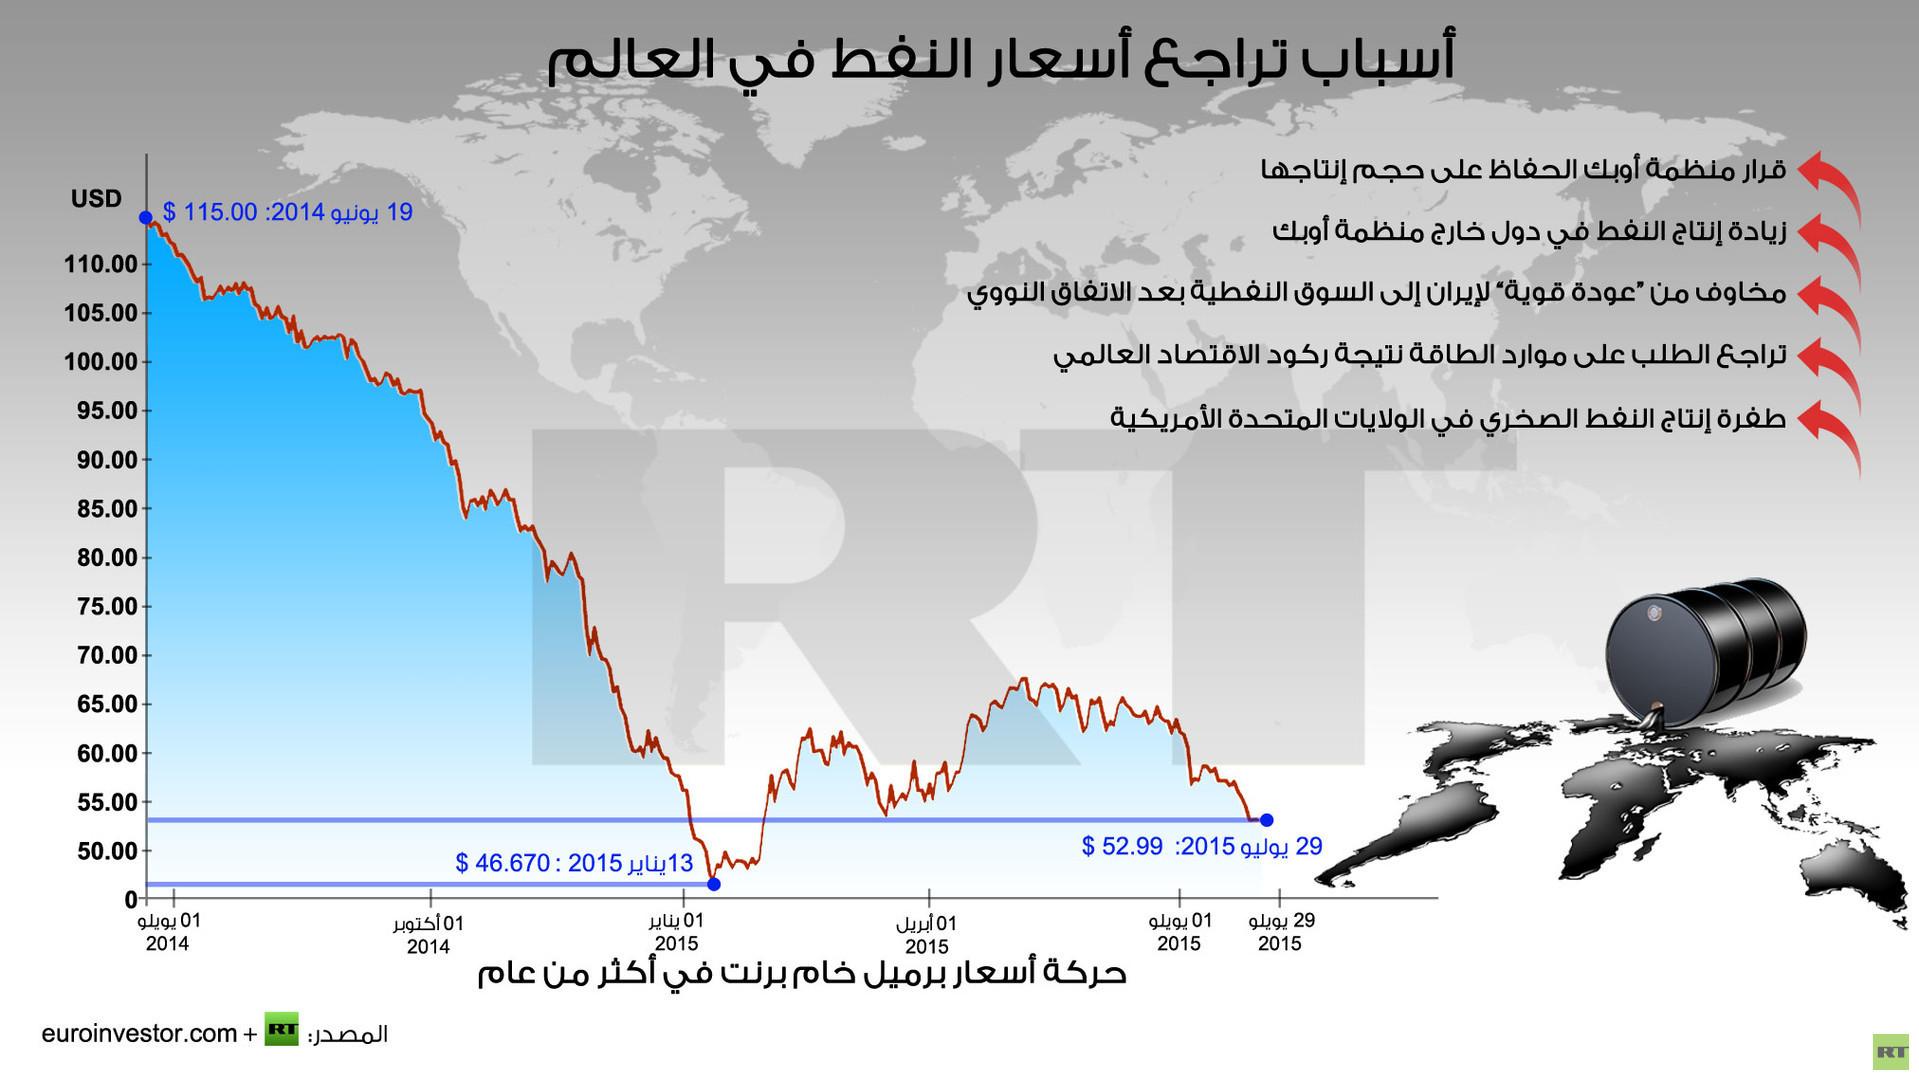 أسباب تراجع أسعار النفط في العالم